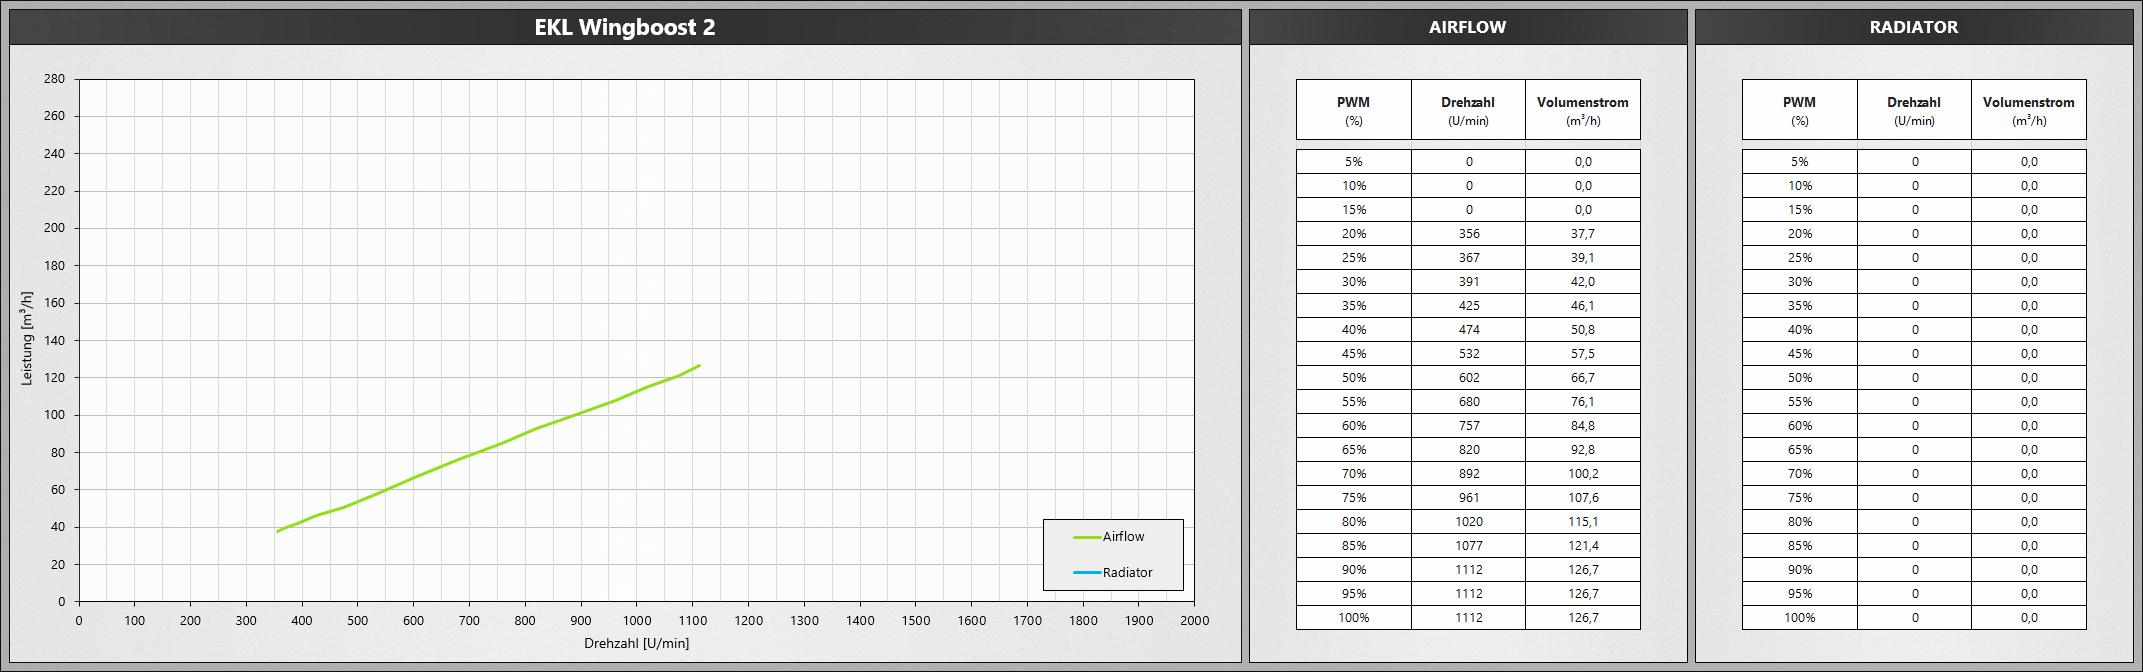 Klicken Sie auf die Grafik für eine größere Ansicht  Name:EKLWB2.png Hits:650 Größe:463,7 KB ID:1074758